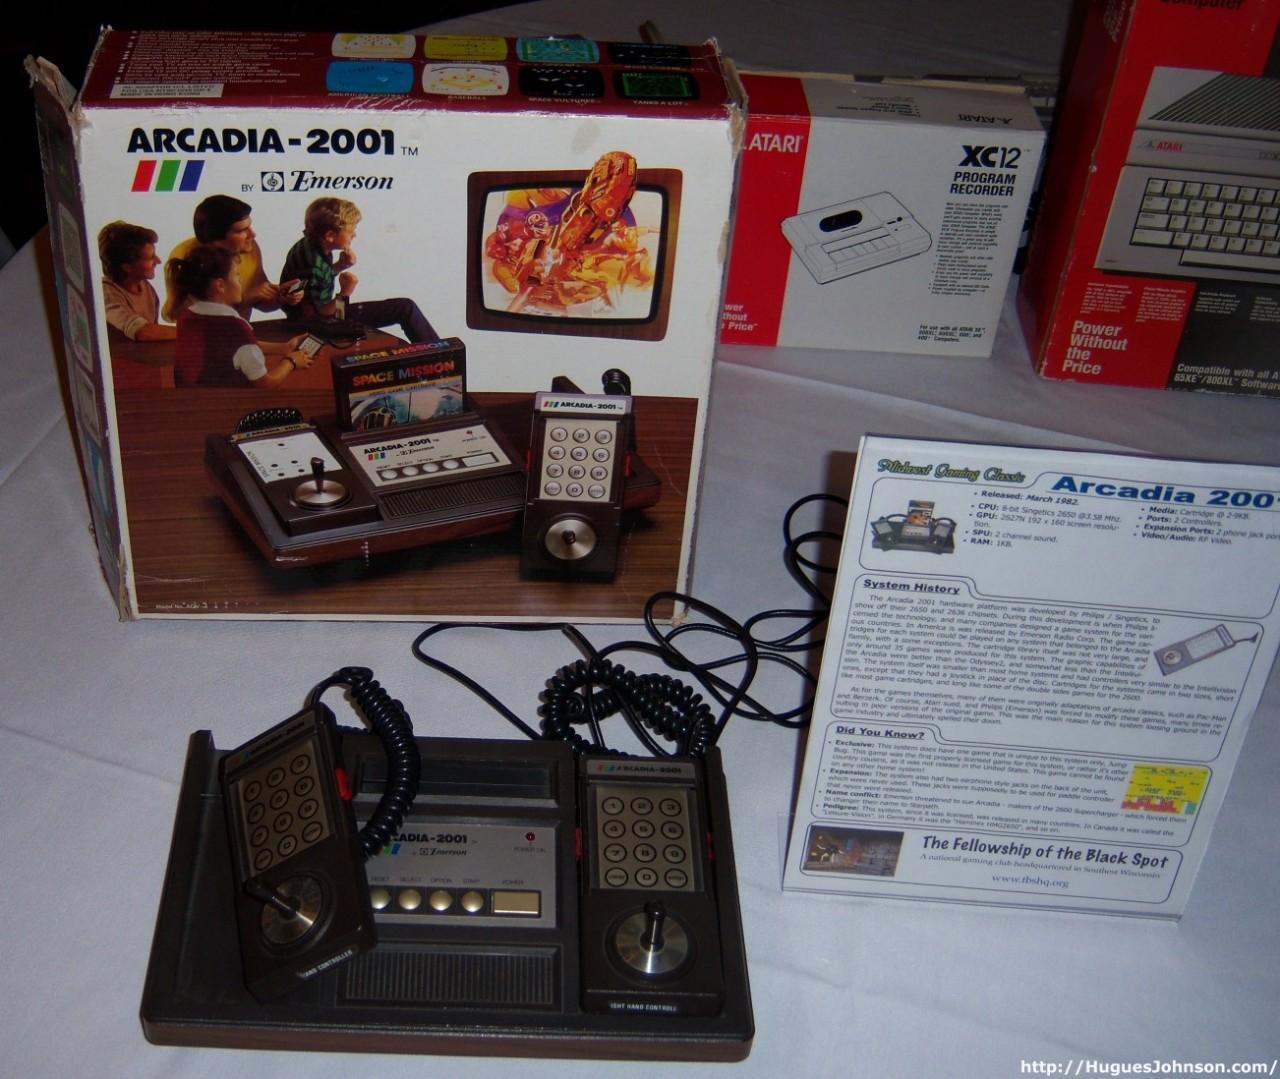 10. Arcadia 2001 Игровые приставки, игры, компьютеры, технологии